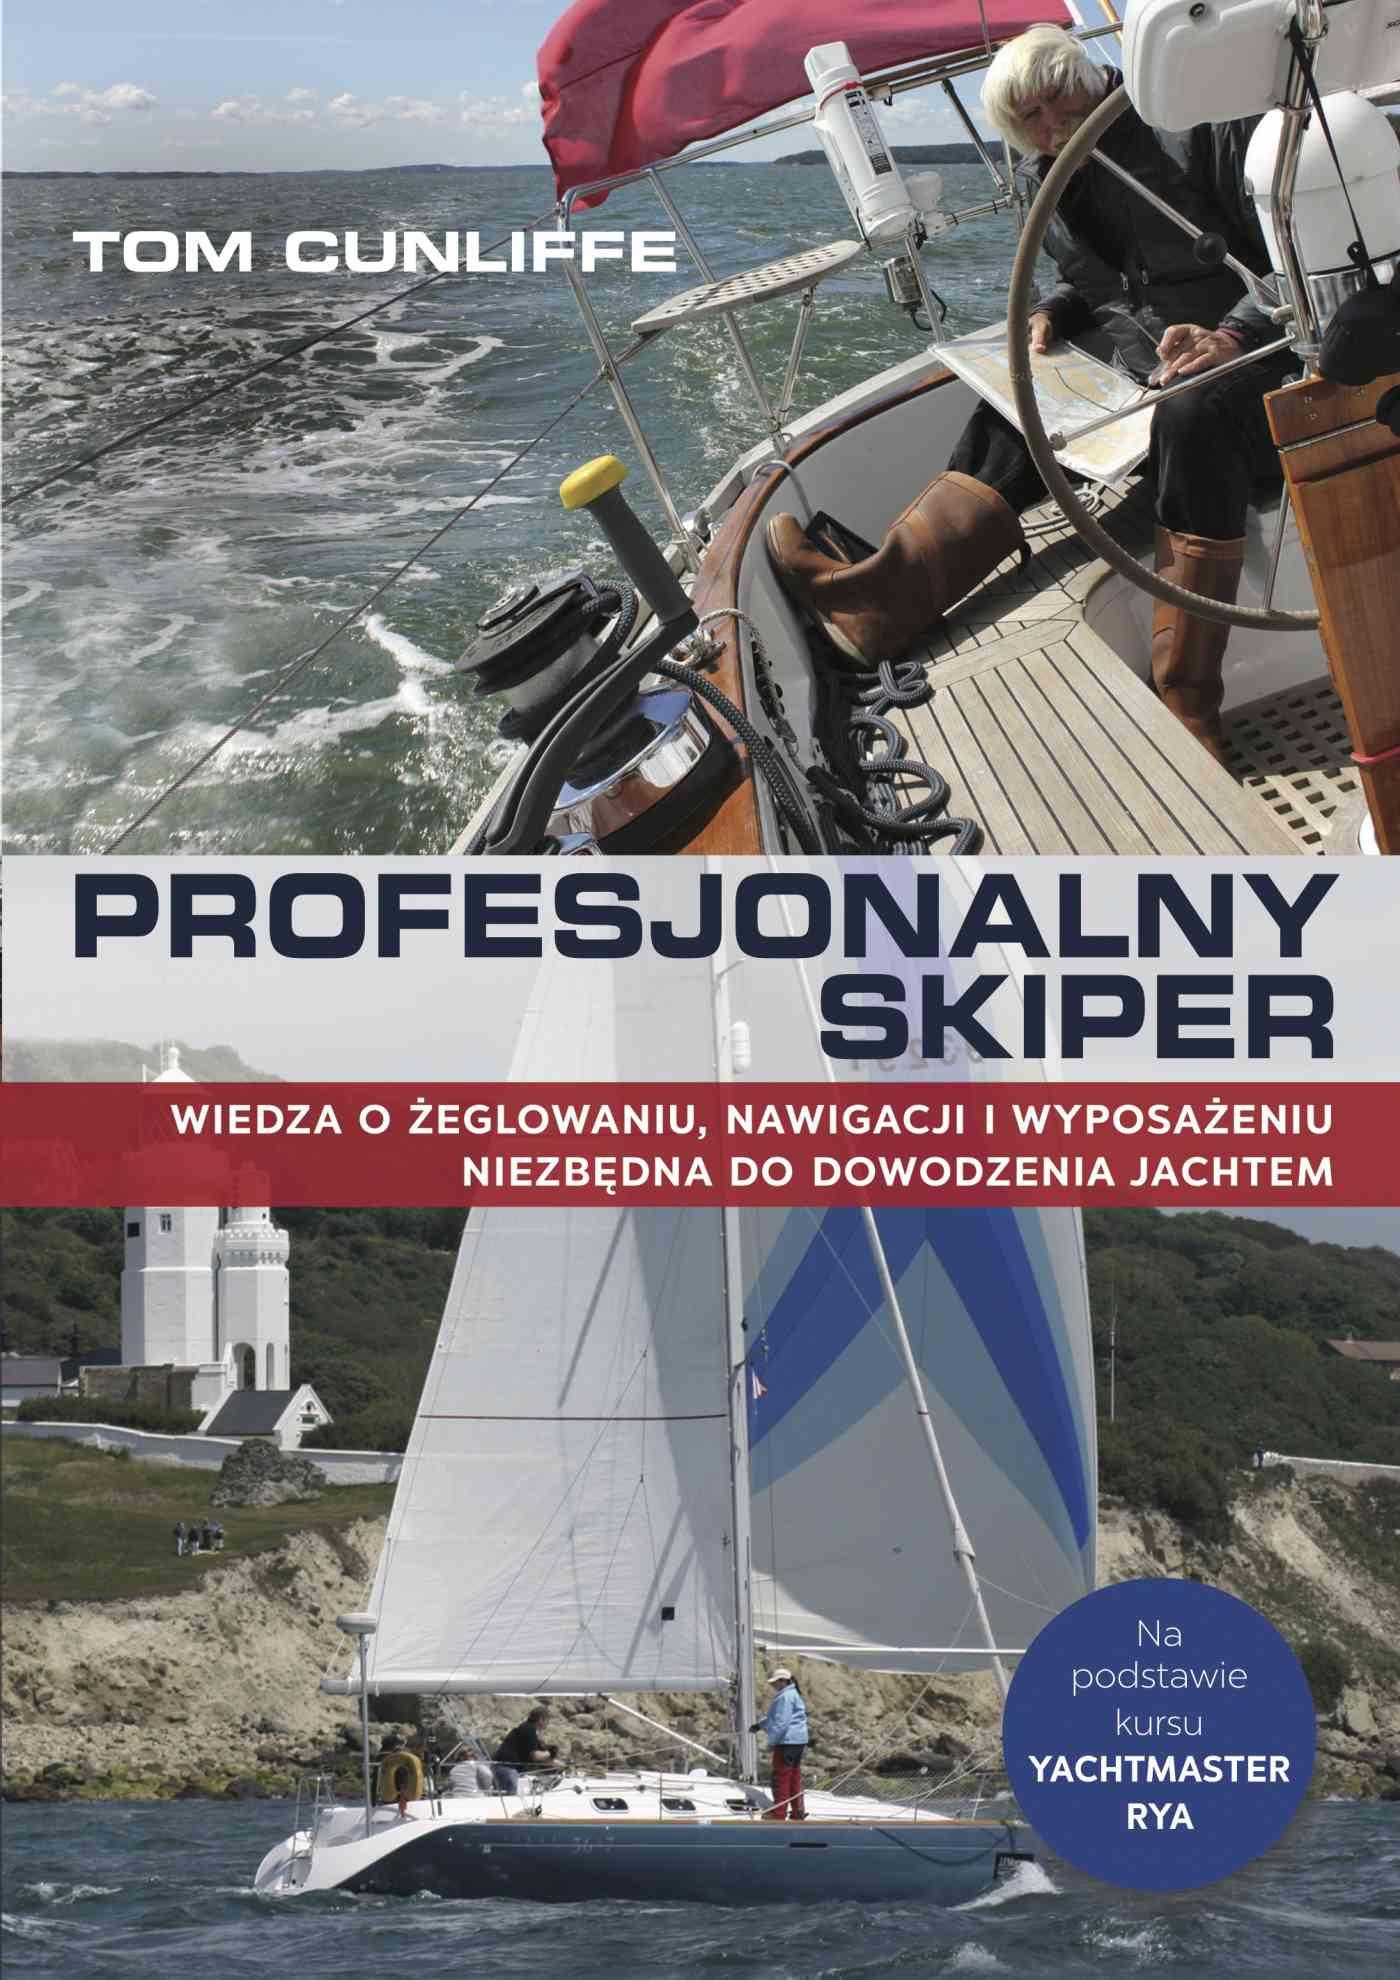 Profesjonalny skiper - Ebook (Książka PDF) do pobrania w formacie PDF